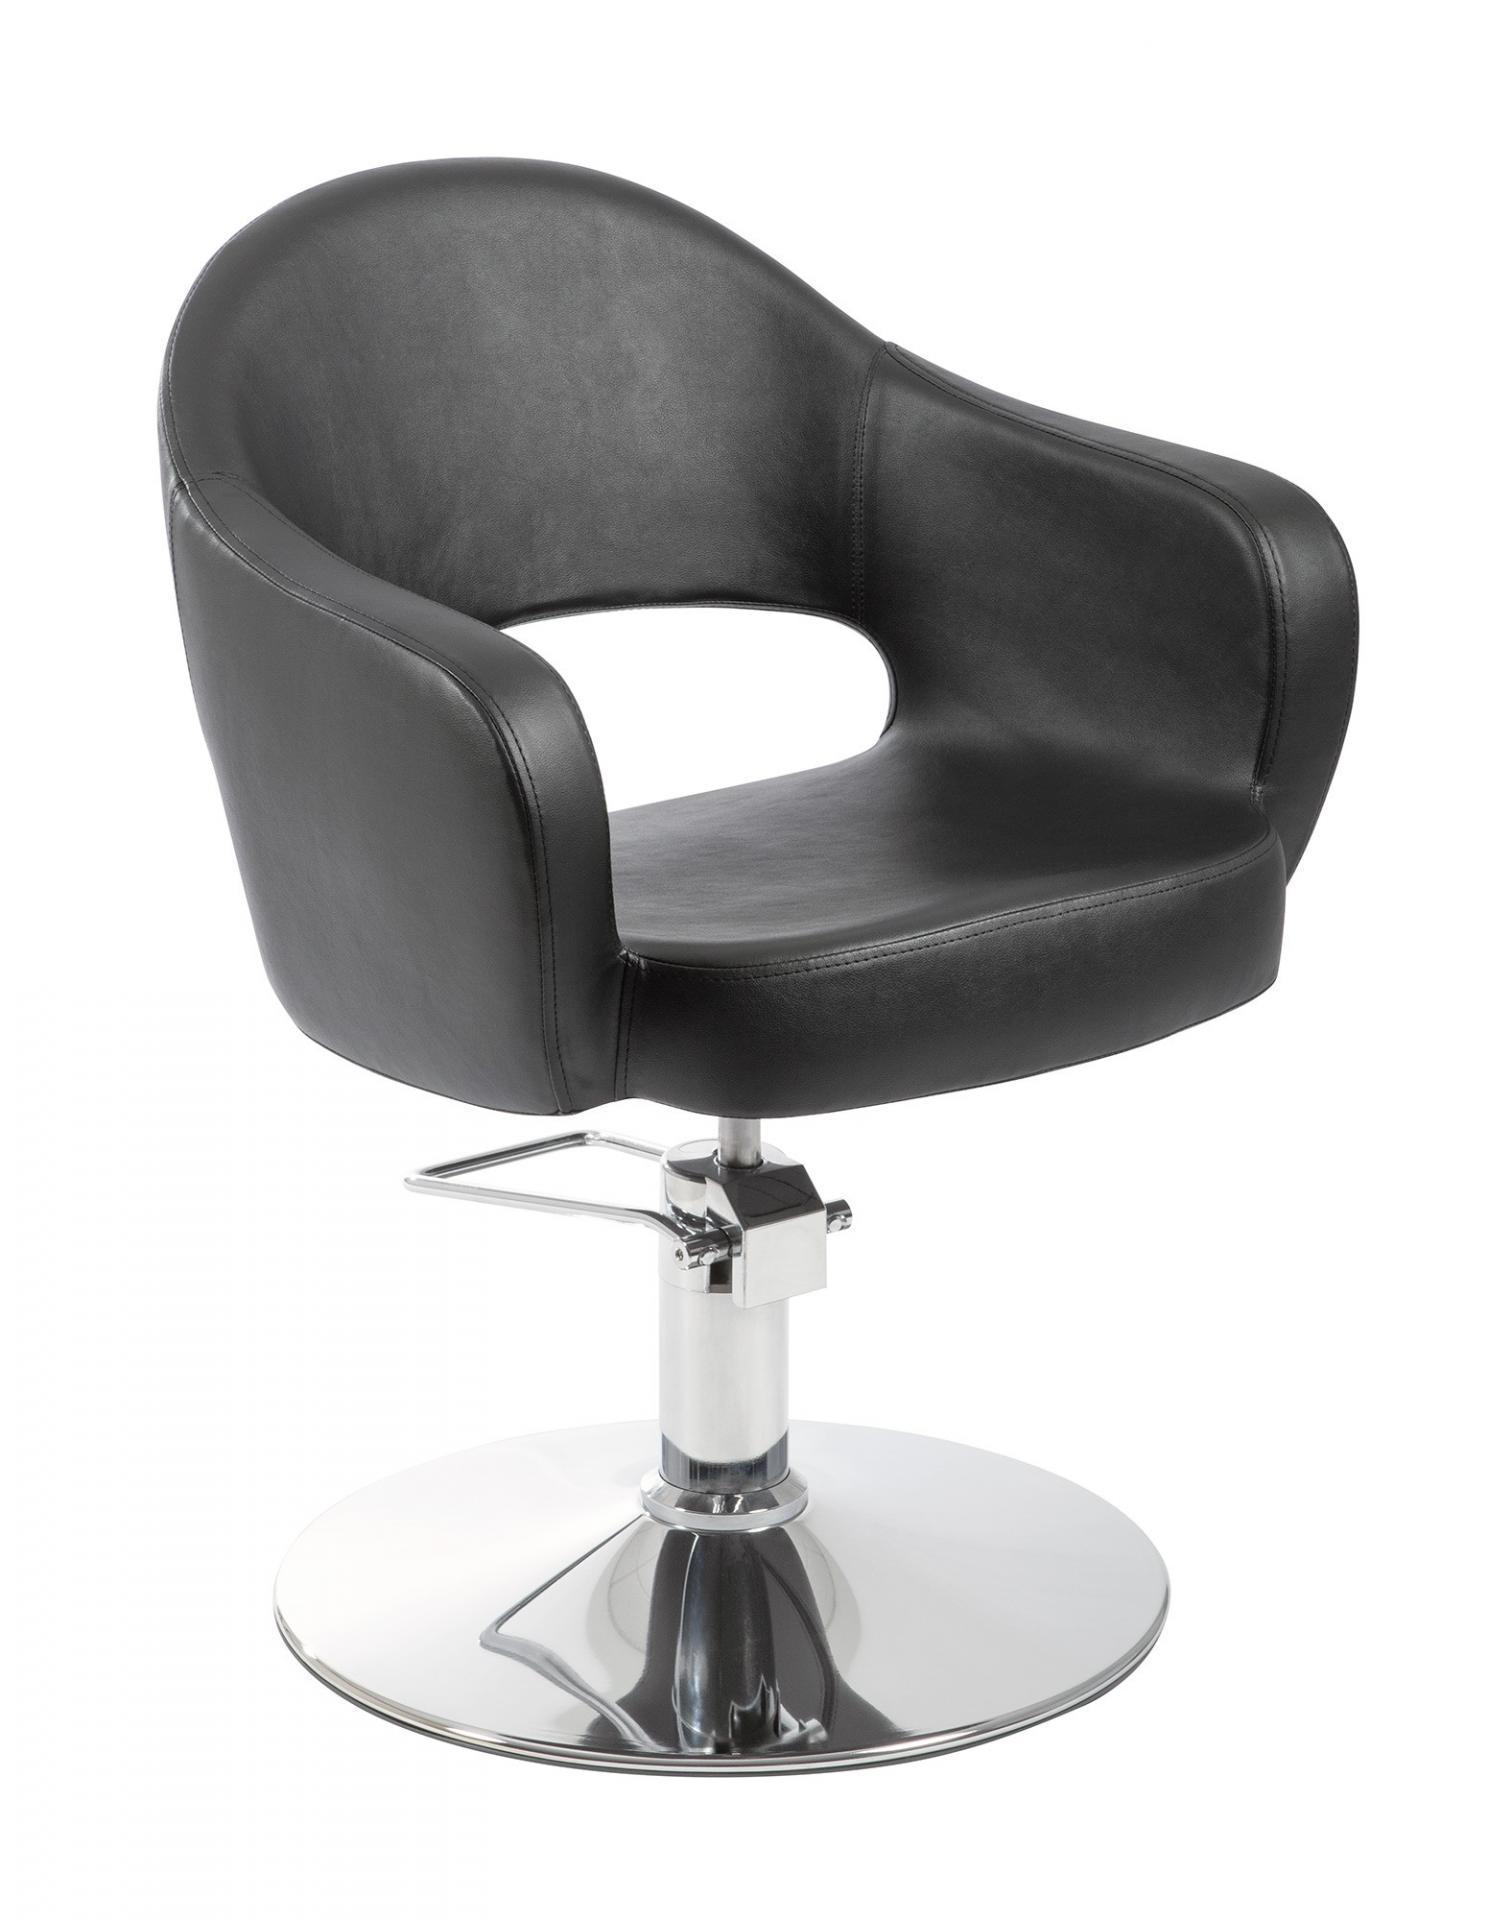 sillón DUMOP